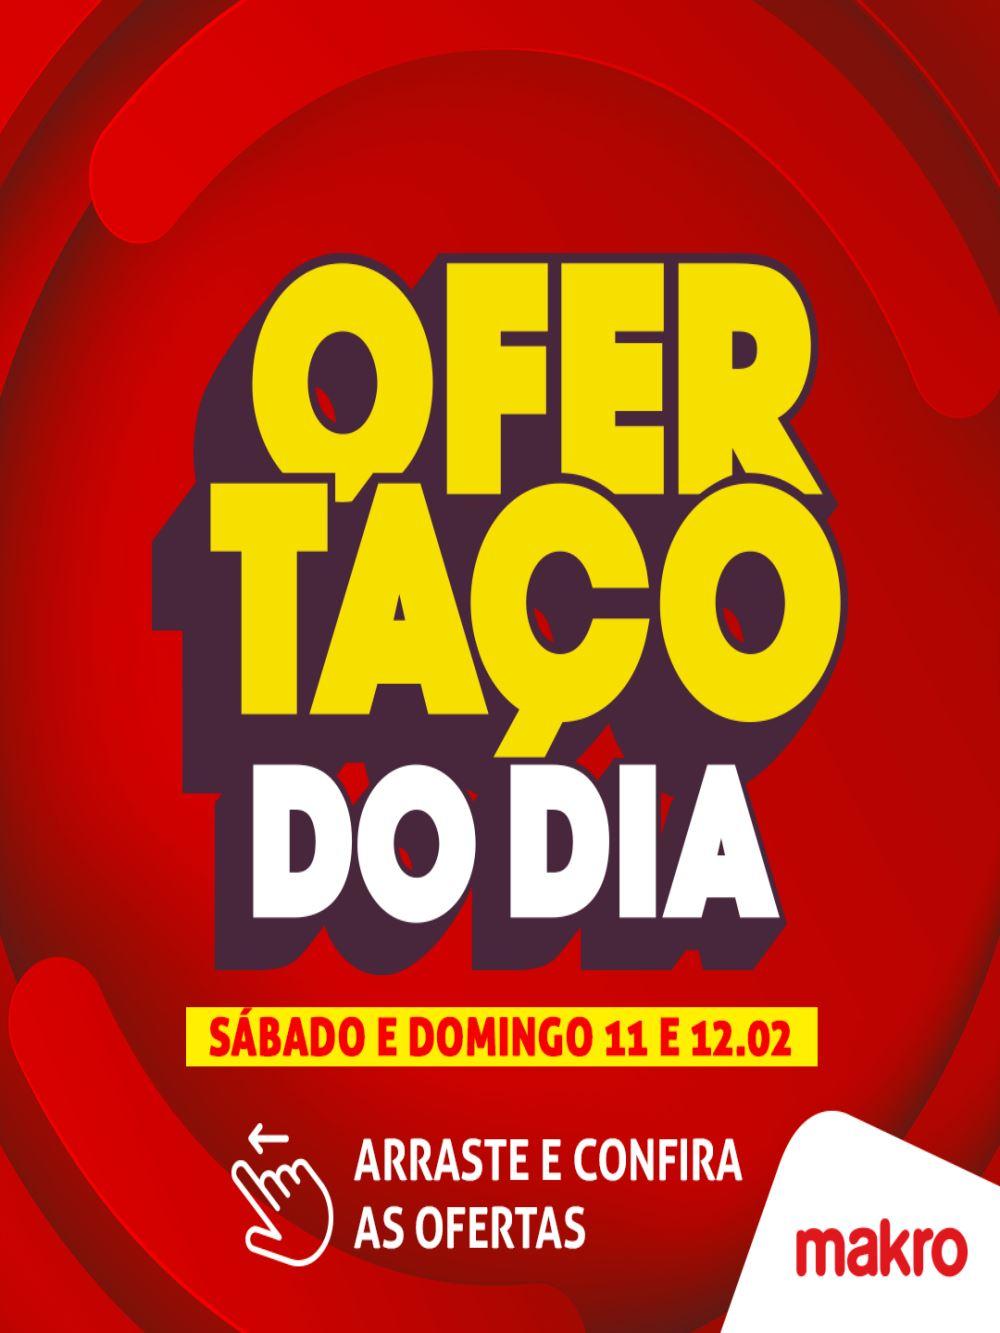 makro-ofertas-descontos-hoje1-13 Ofertas de supermercados